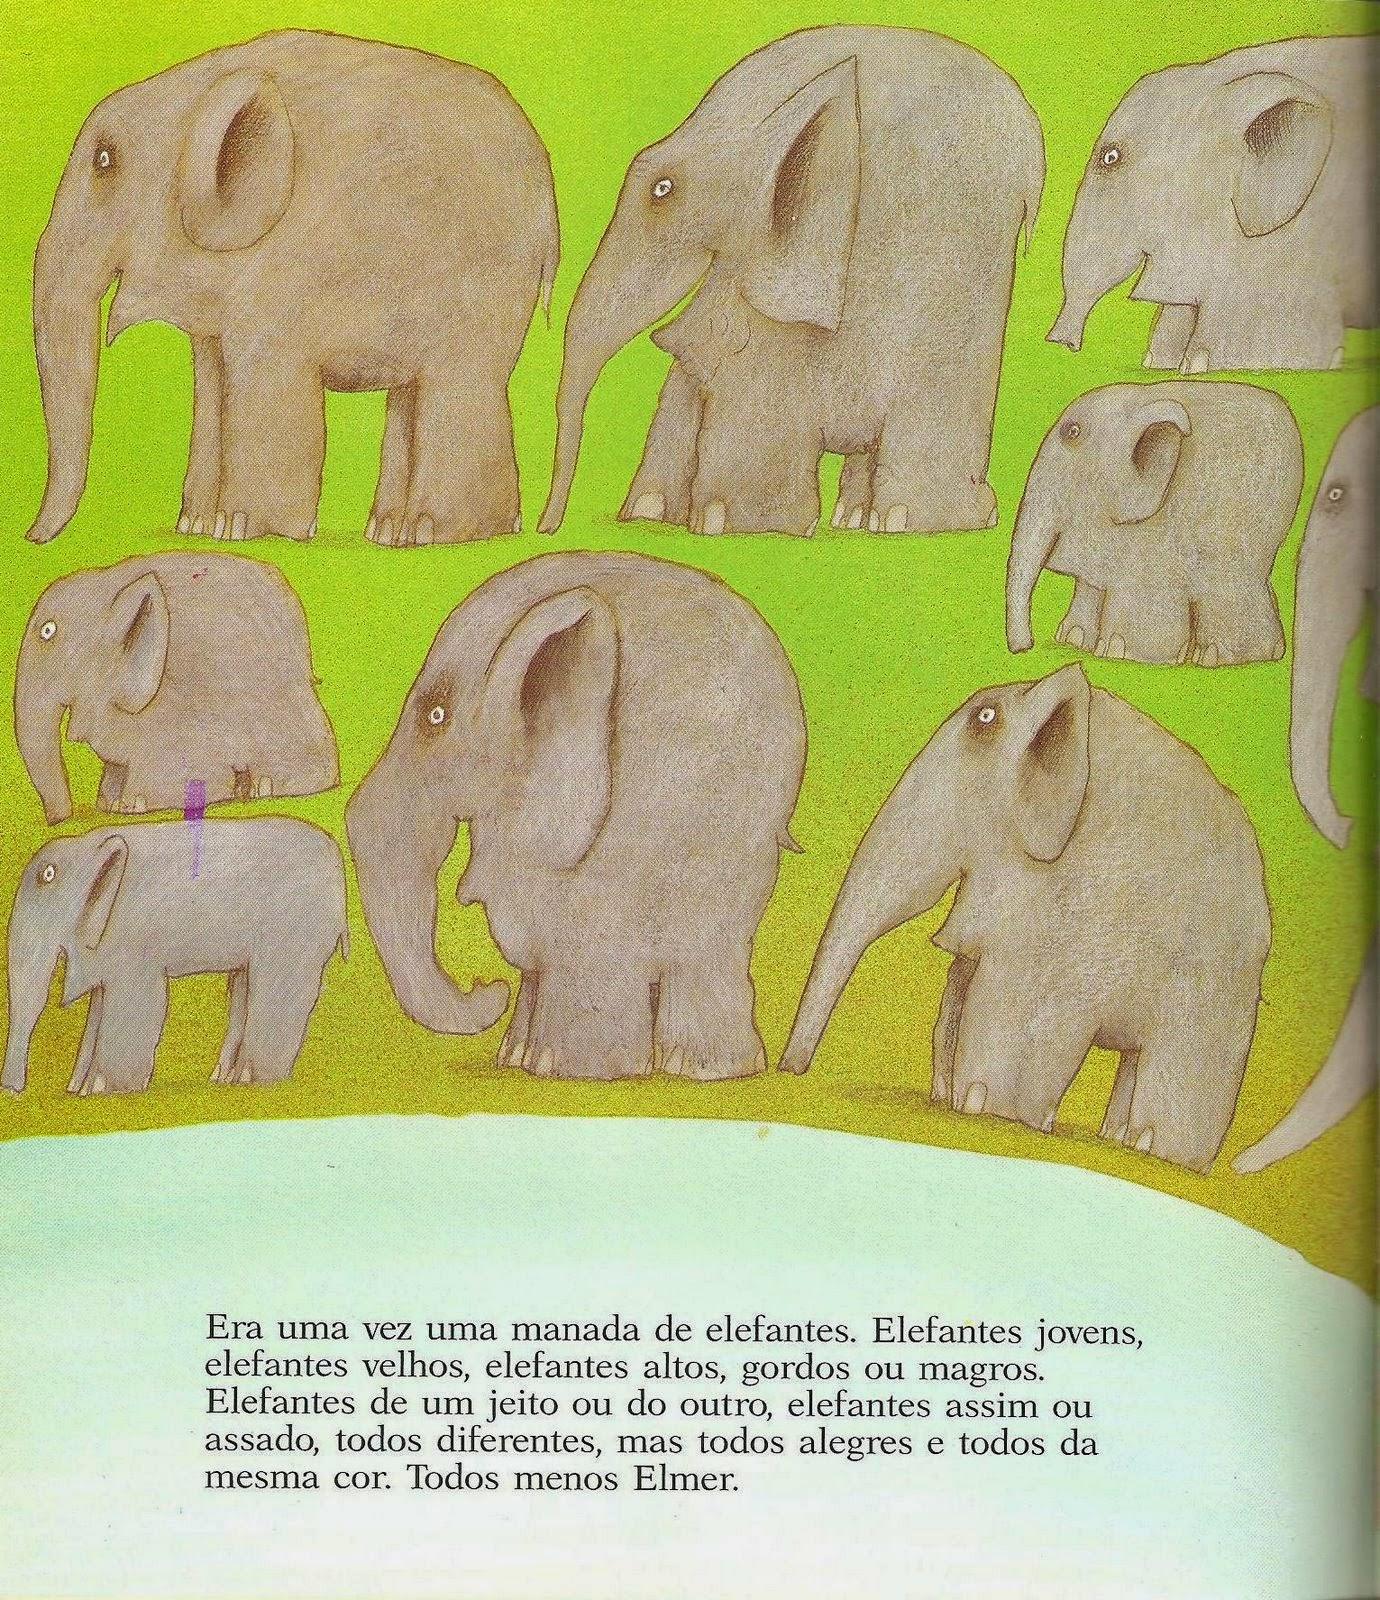 Atividades para baixar: Livro Elmer o elefante xadrez para